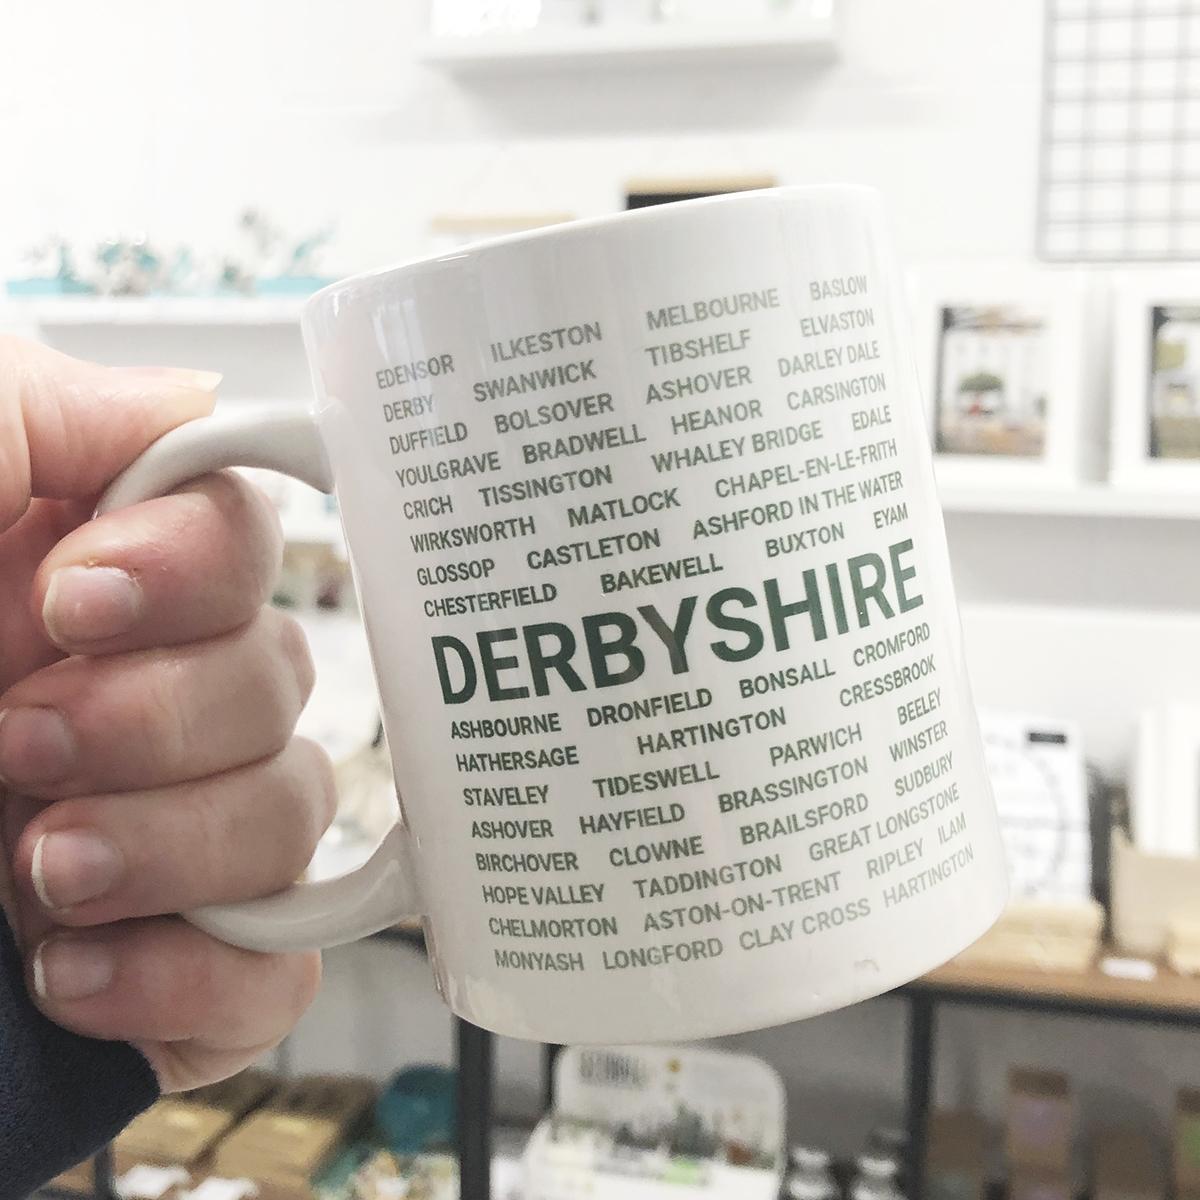 Green Derbyshire Mug